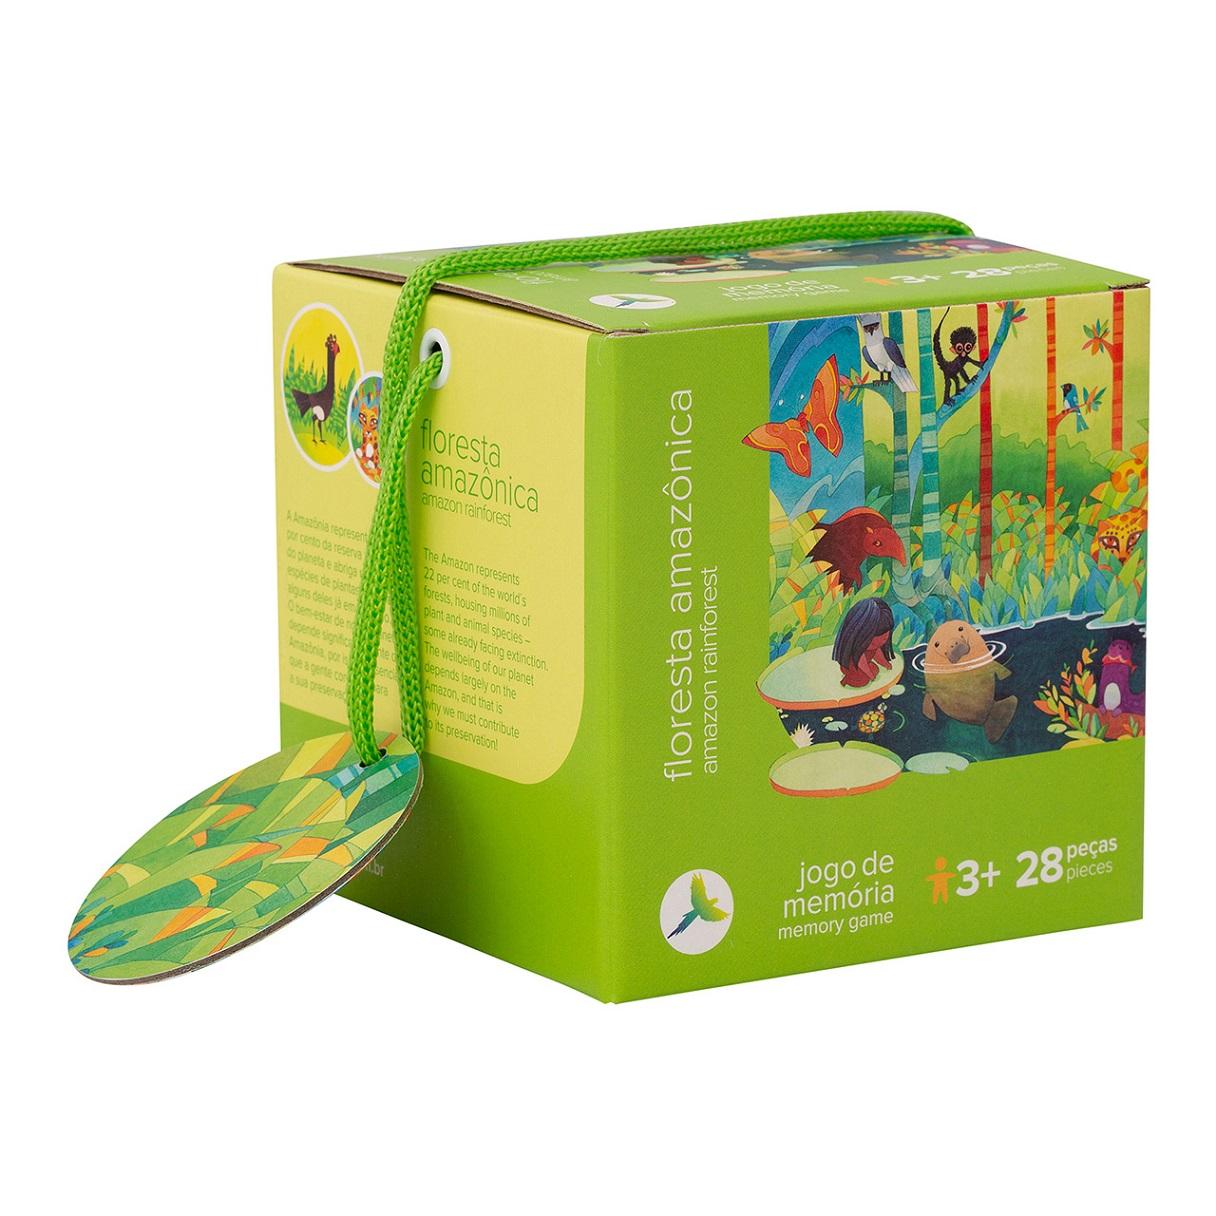 Jogo da Memória - Floresta Amazônica, da Araquarela - Cód. ARA-JM005